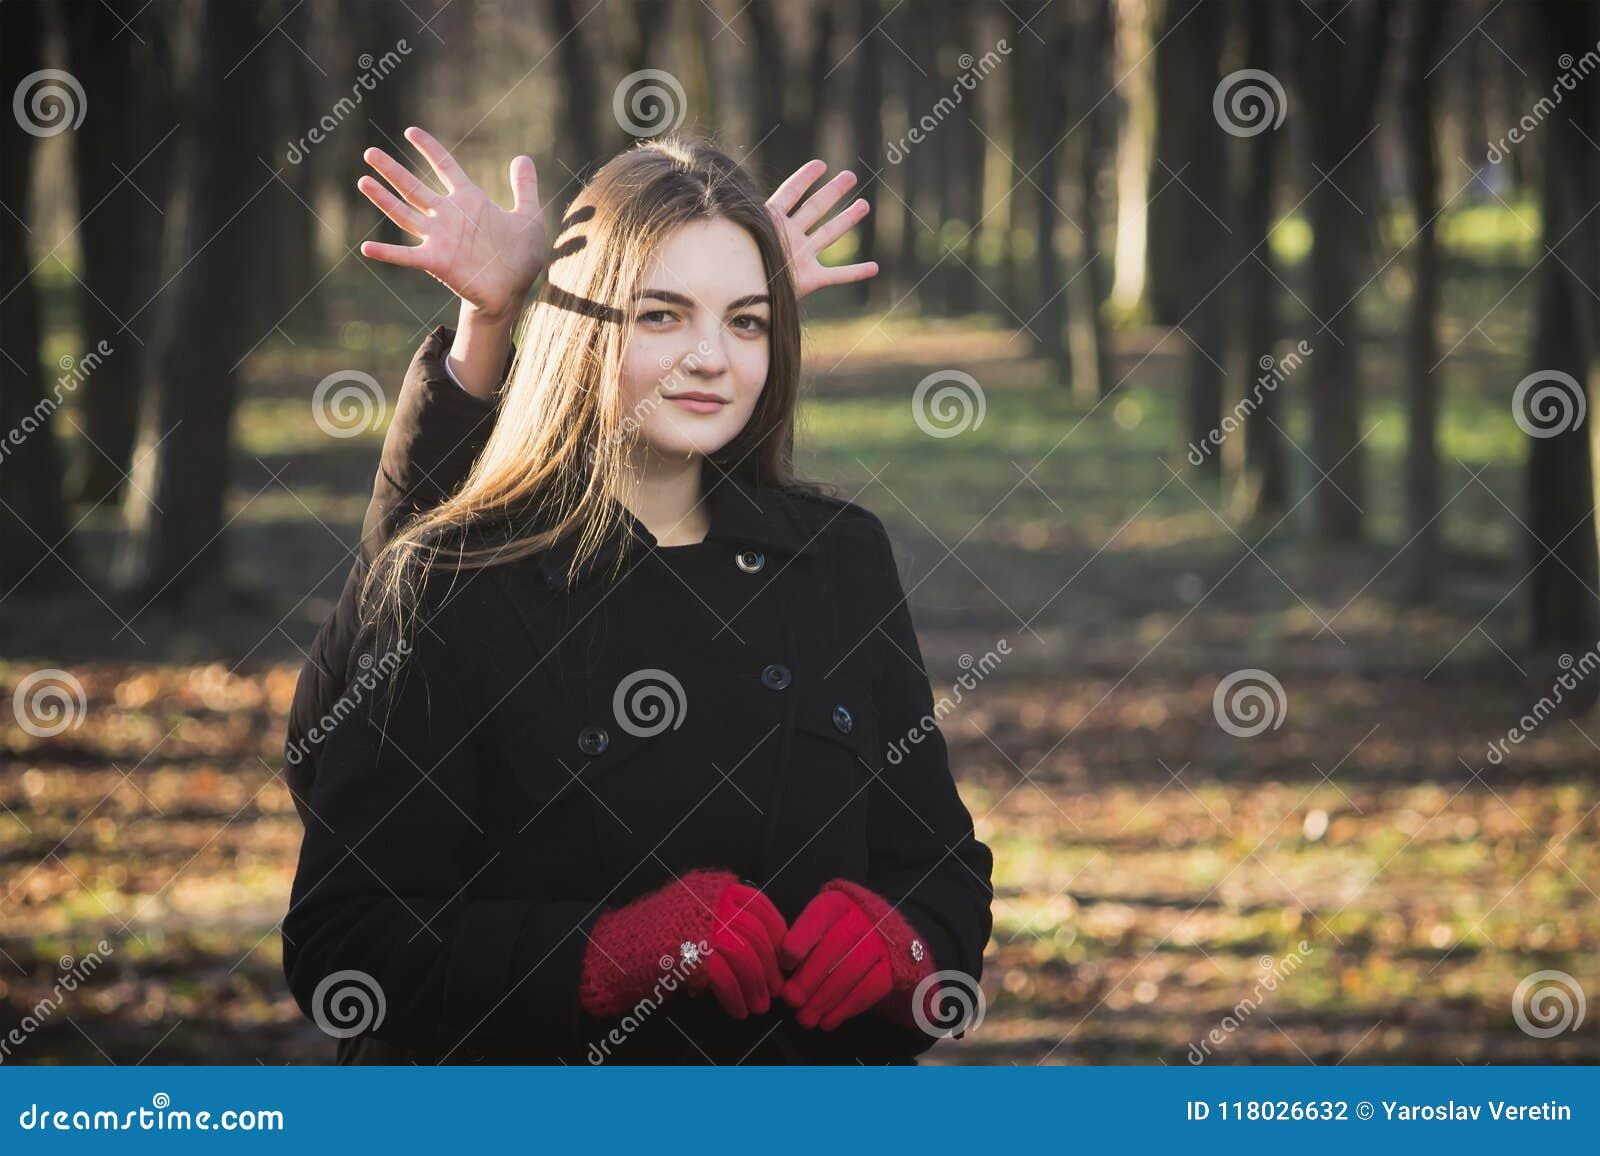 Młoda piękna dziewczyna bada wiosna lasu parka w czarnego żakieta czerwonych rękawiczkach